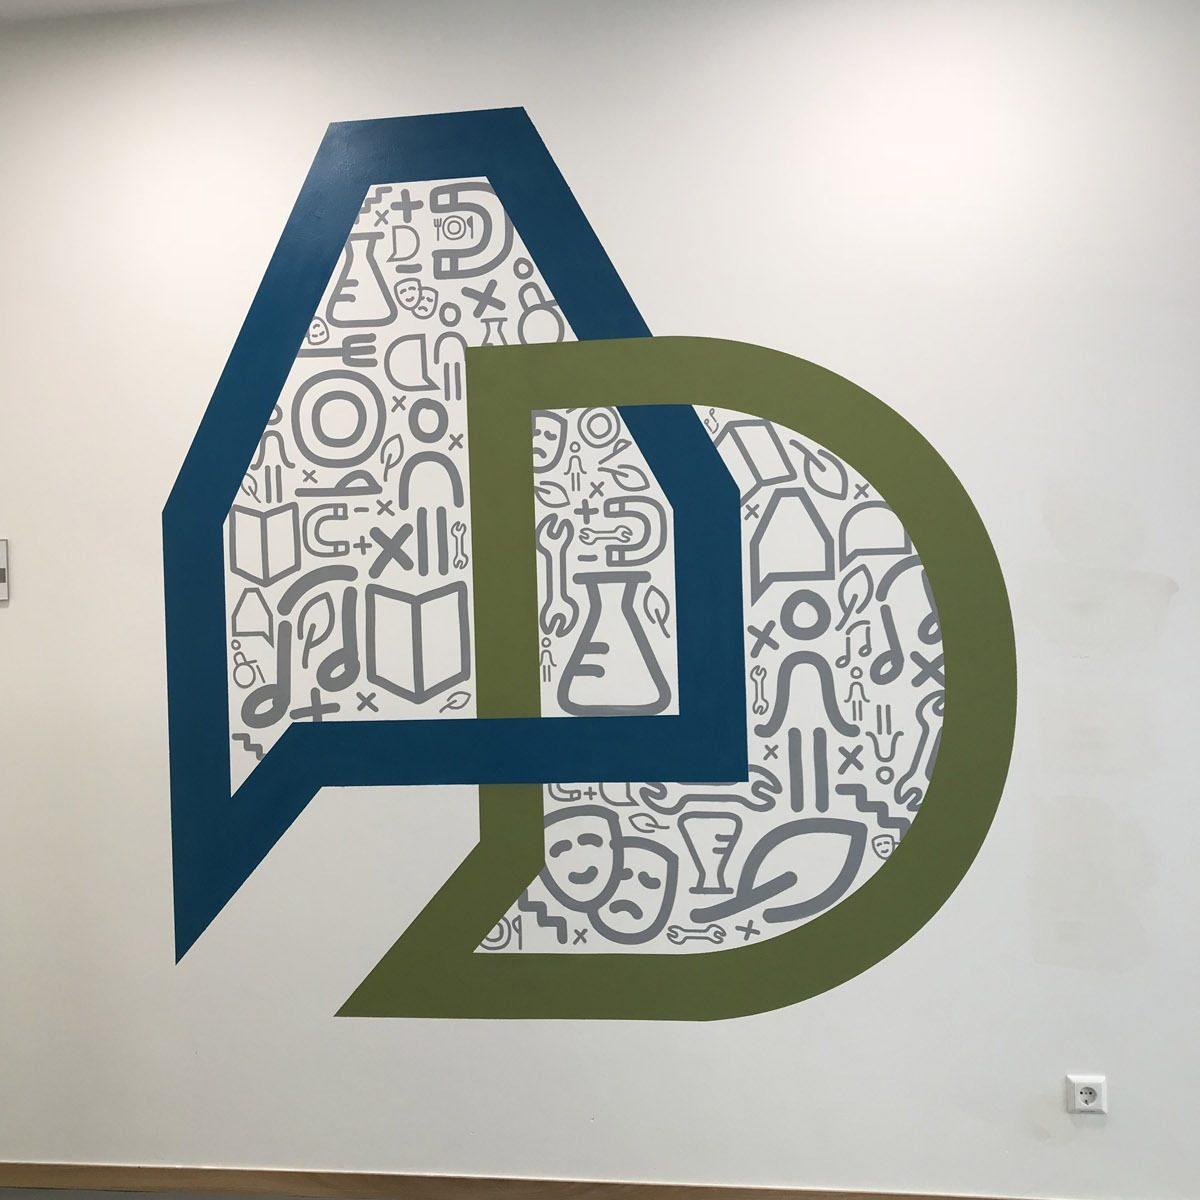 graffitiauftrag-graffitikuenstler-artmos4-da-di-werk-albrecht-duerer-schule-innen-netz-logo-illustrativ-folie